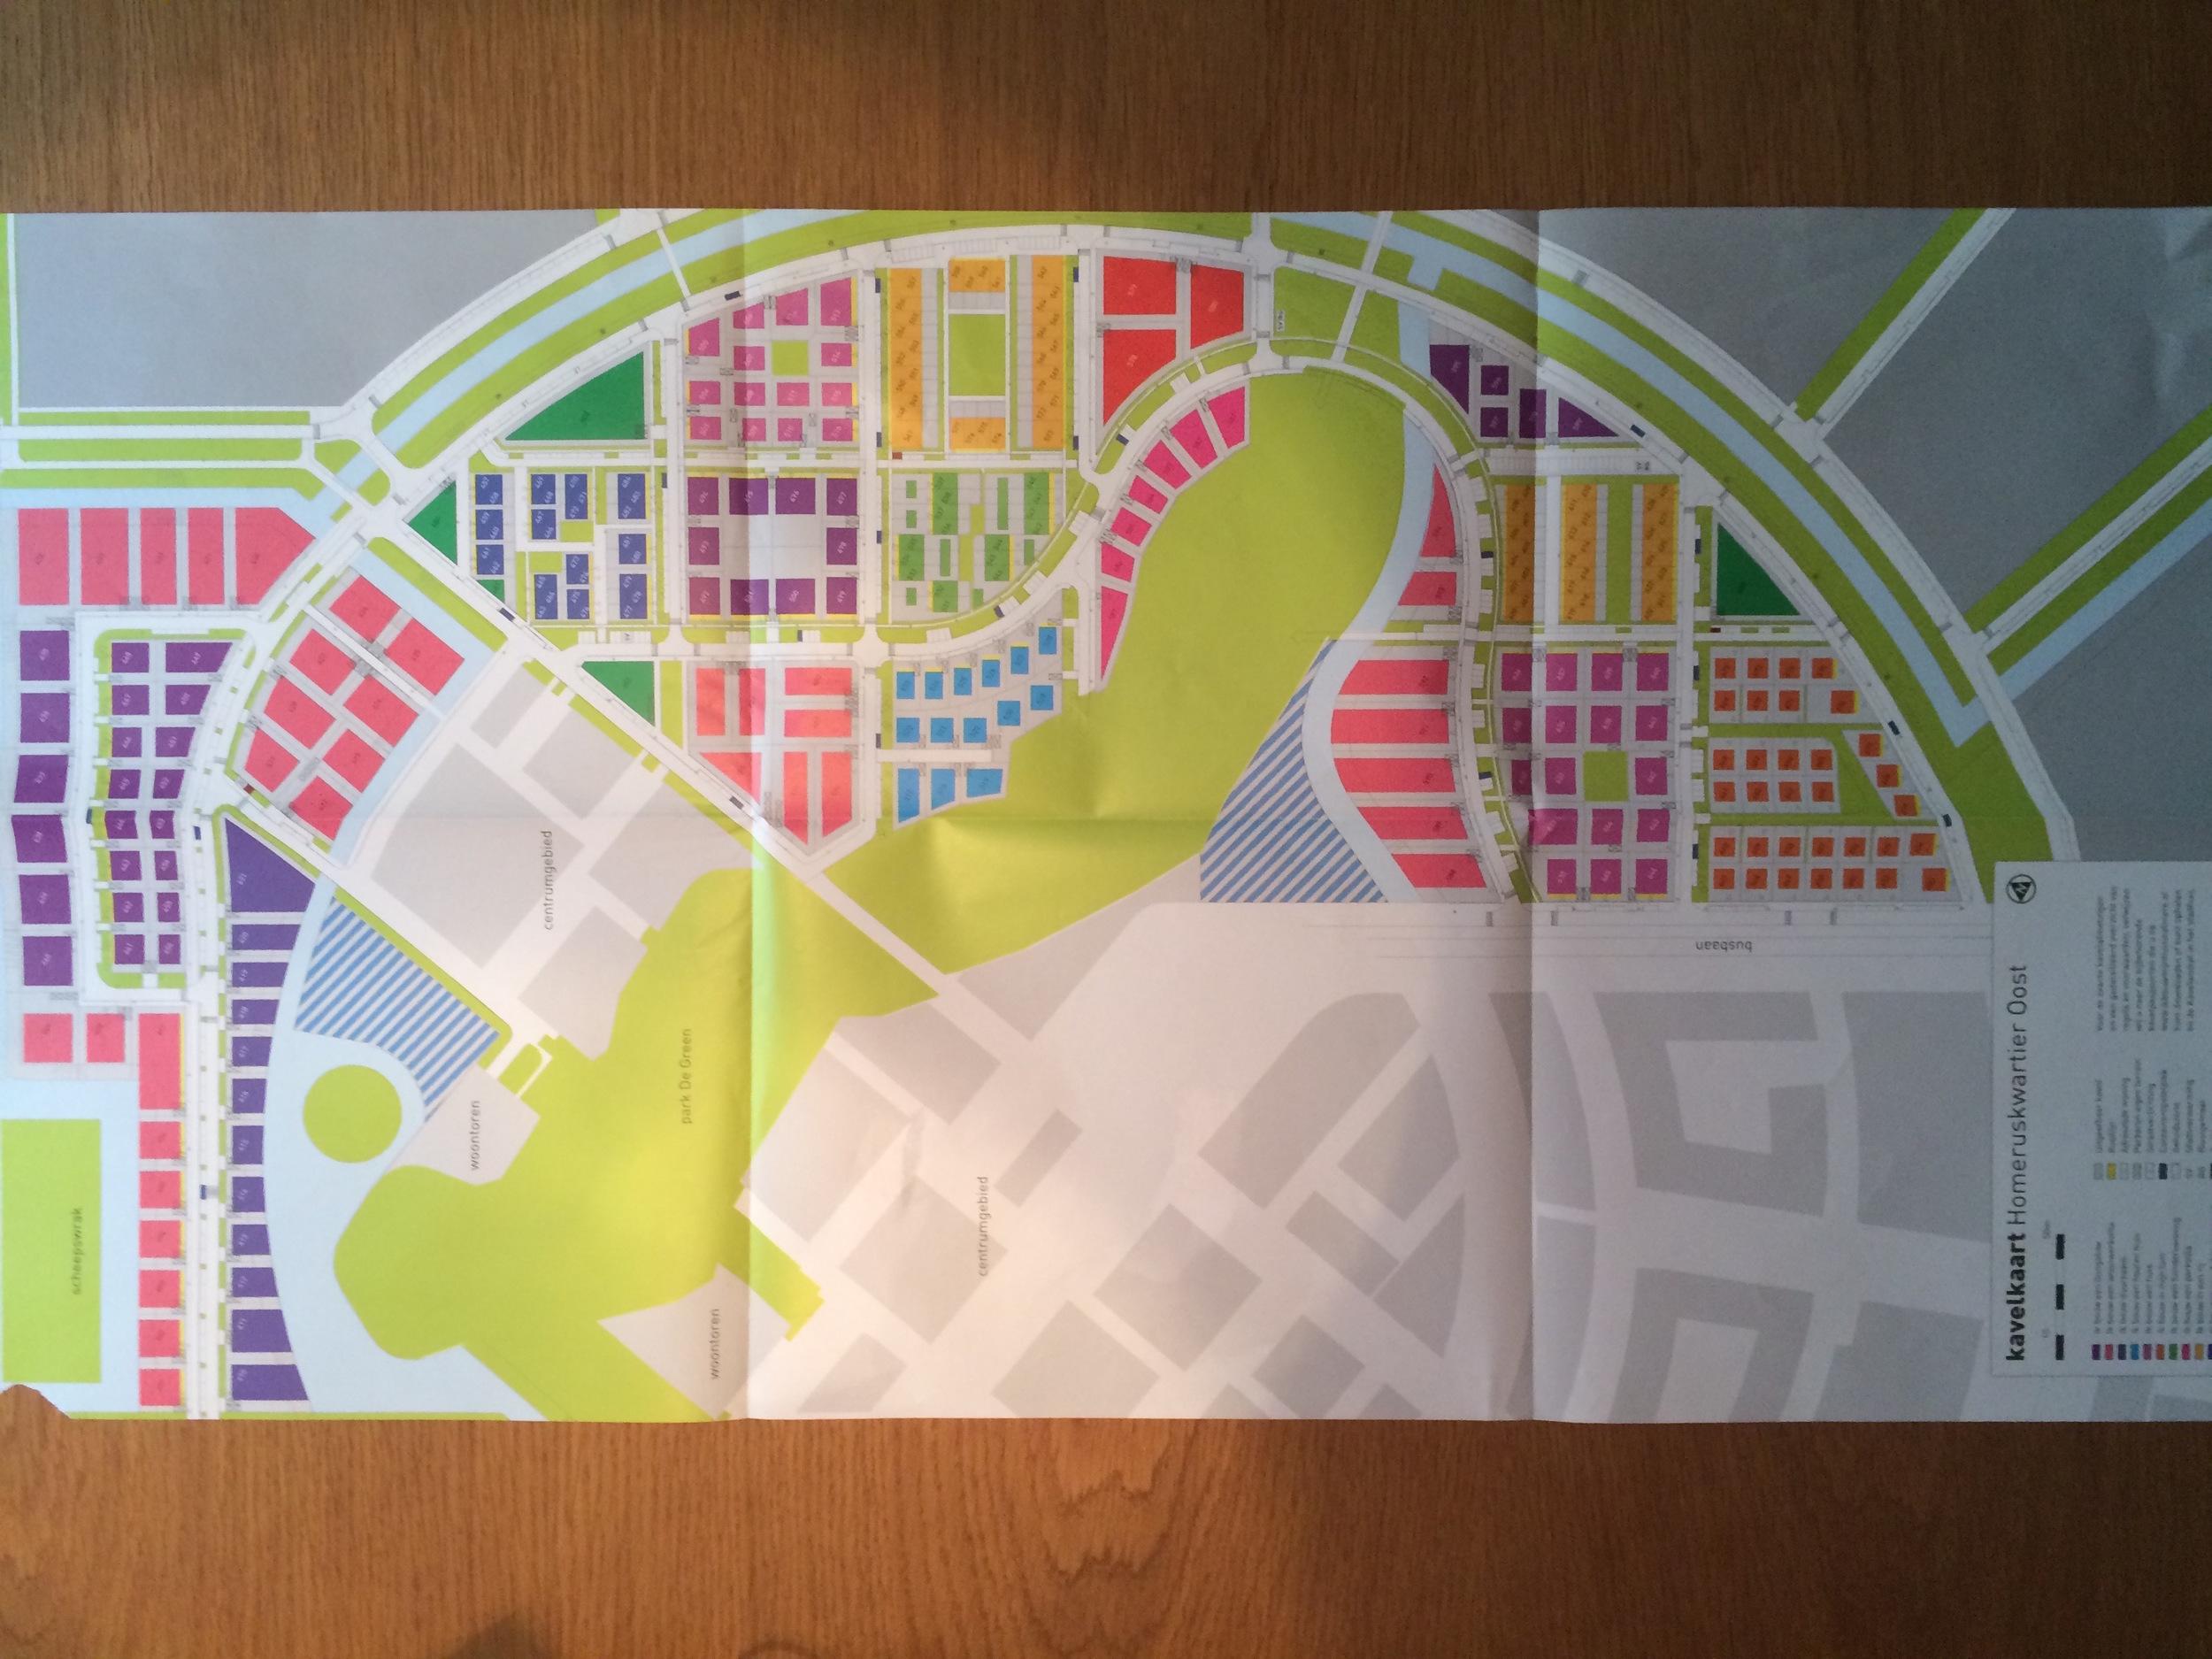 """Overblikskort der viser kommunens overordnede plan. Farvekoderne refererer til et tilknyttet magasin, hvor man kan læse om de kendetegn, der knytter sig til de forskellige zoner. Hvis man fx vil bo højt, lavt eller """"hippisch""""."""